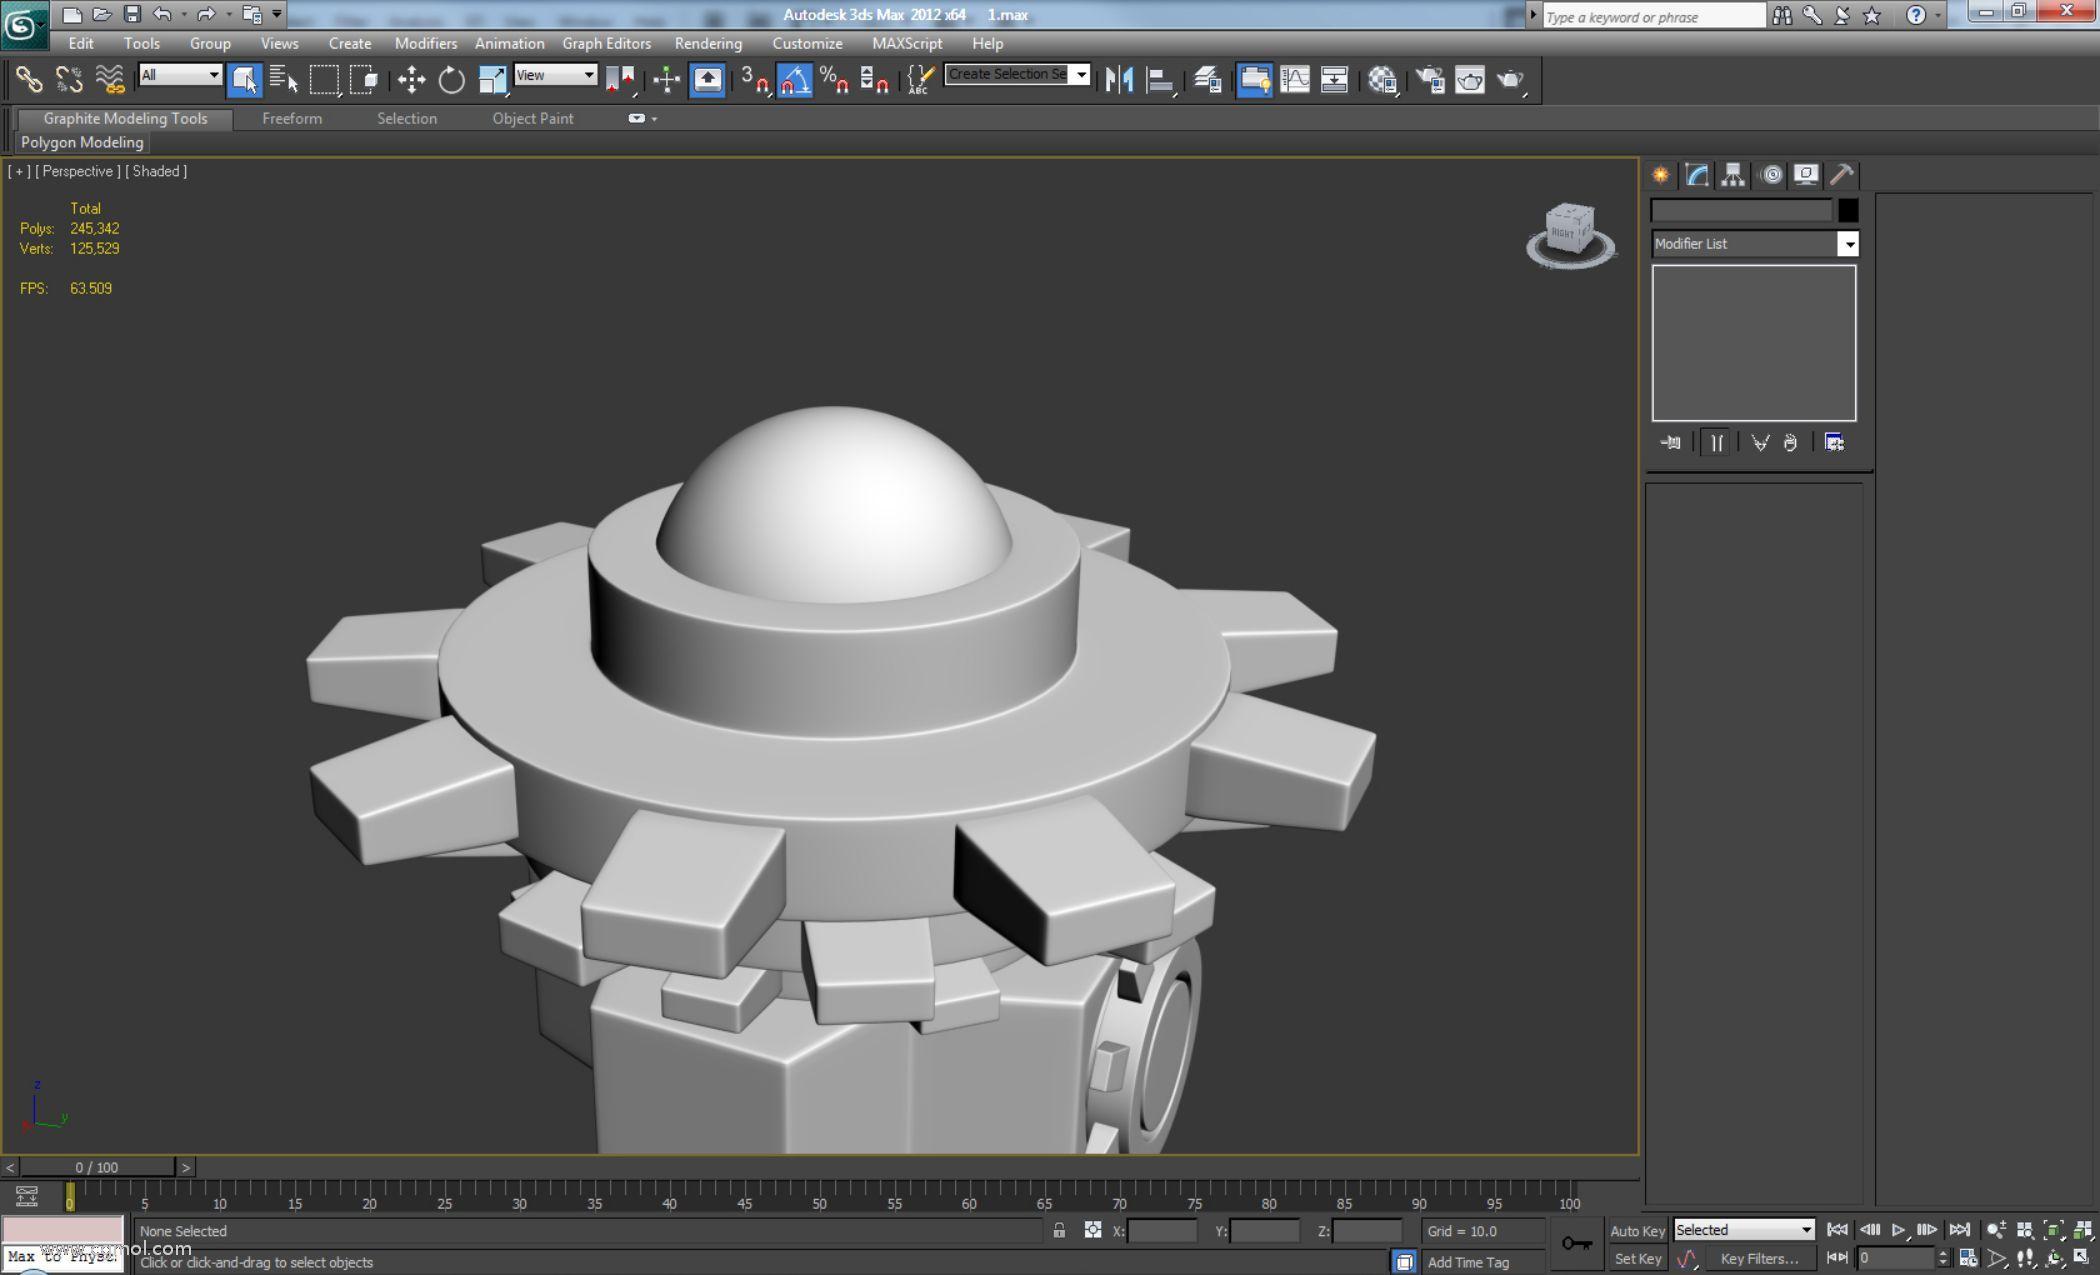 制作一个新的Sphere,有60个段,直径与车轮上的孔大小相匹配。